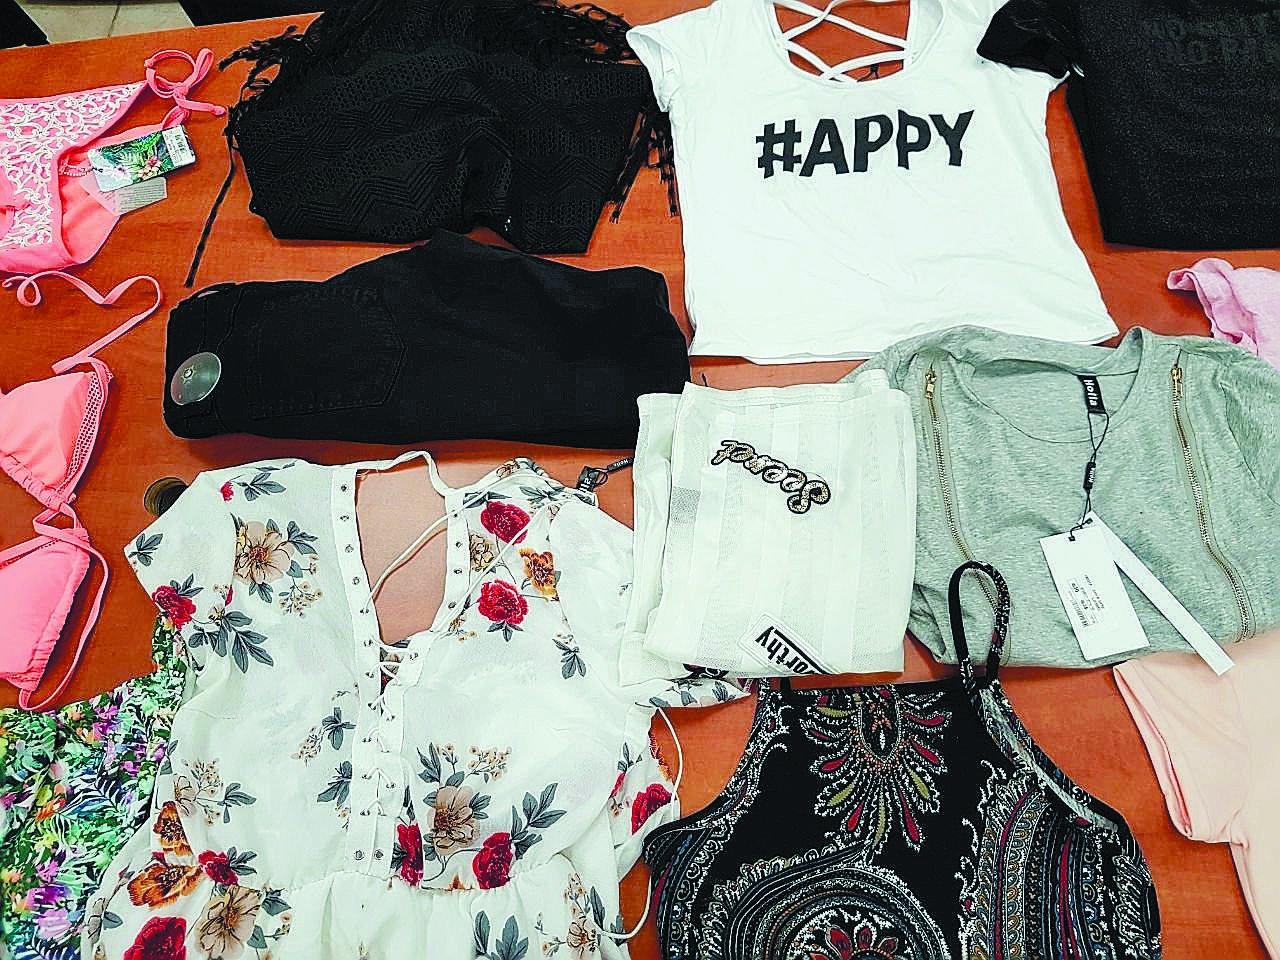 בגדים שנתפסו על ידי משטרת פתח תקוה אצל הנערות